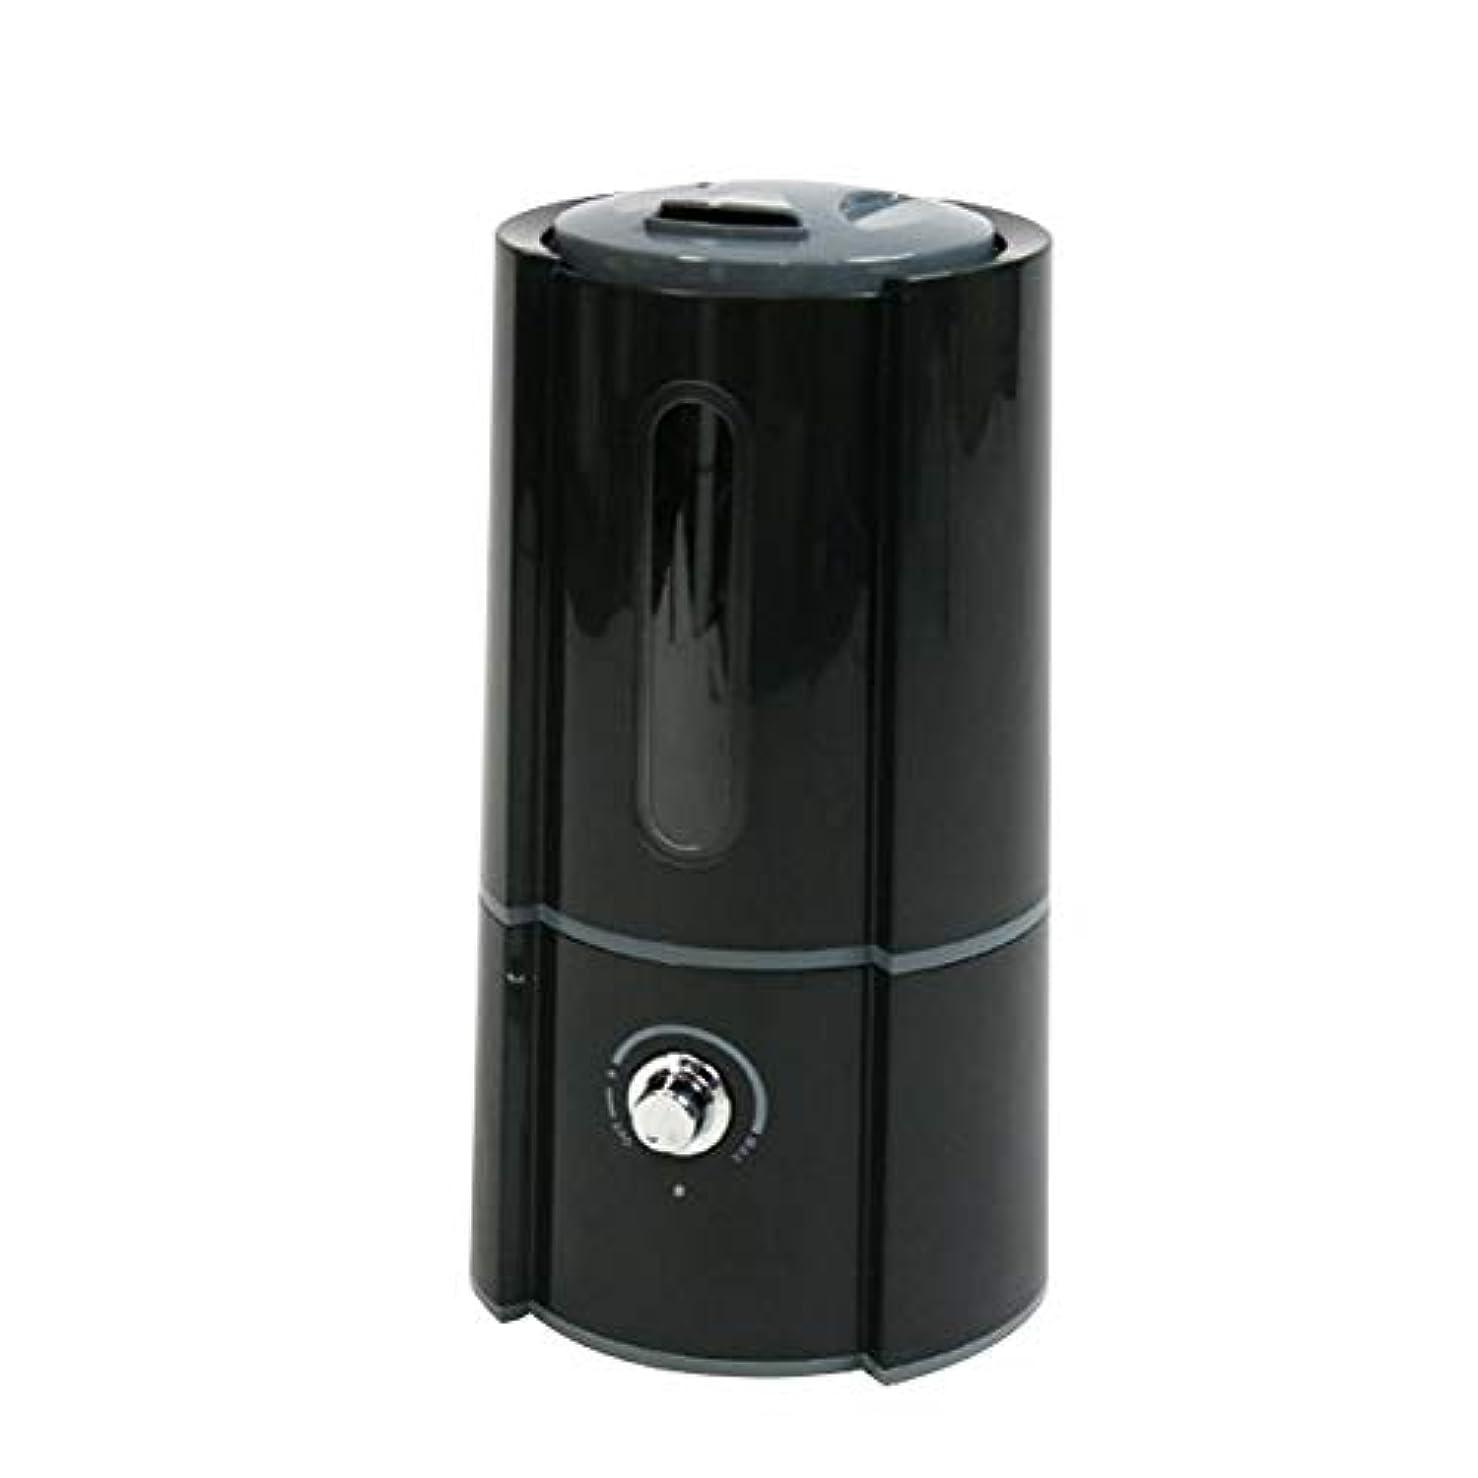 パースブラックボロウ抜け目のない捨てる加湿器 超音波式 大容量 卓上 2.5L 400ml/h オフィス ディフューザー 加湿量調節 ブラック